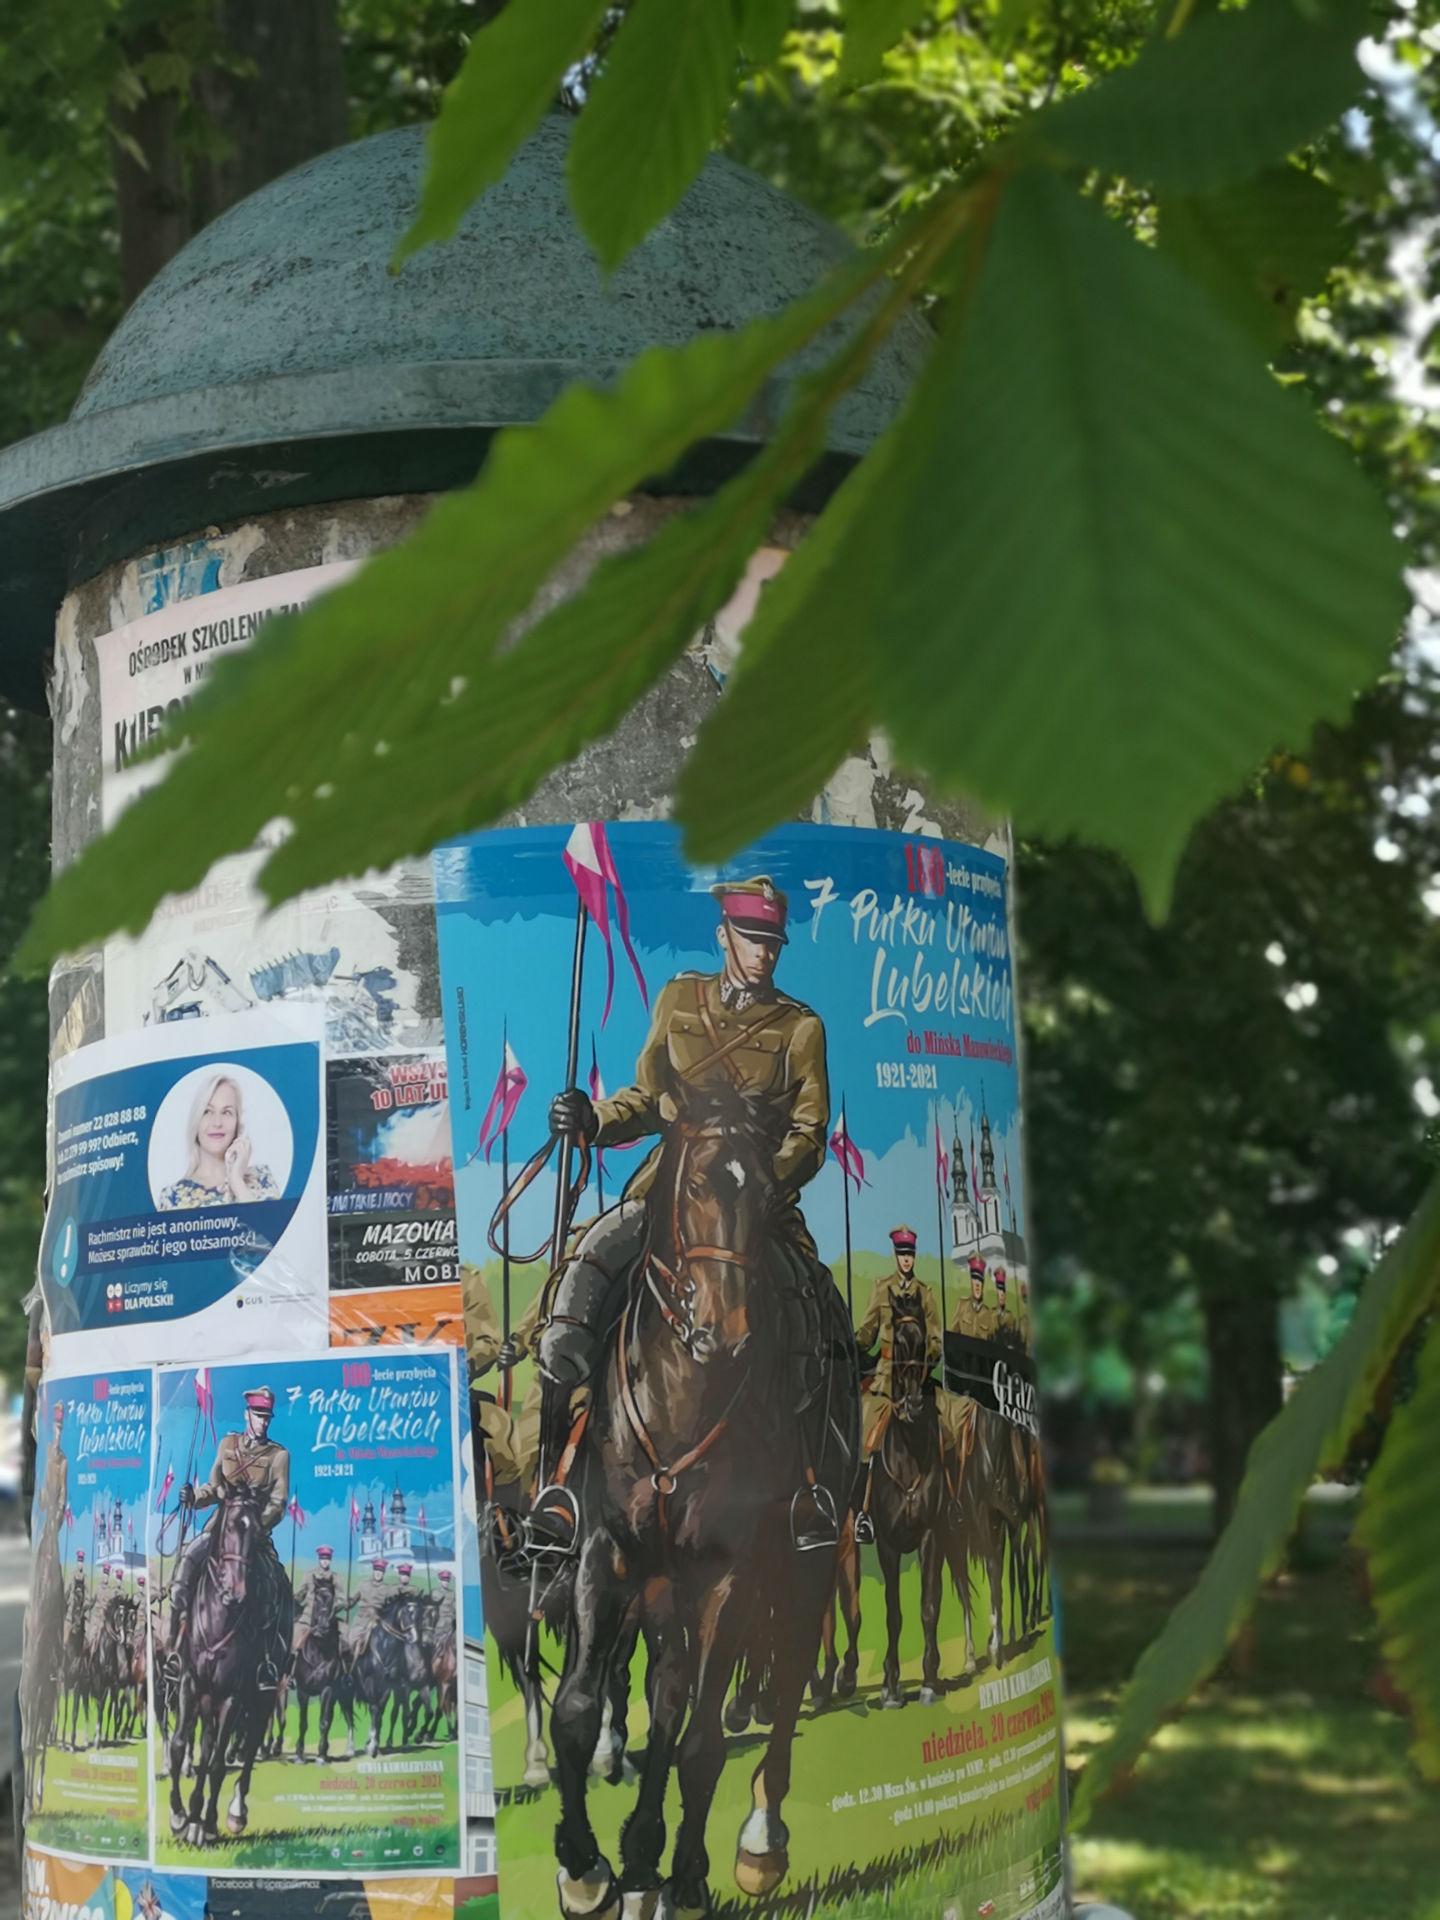 Słup ogłoszeniowy z plaktem reklamującym obchody 100-lecie przybycia 7 Pułku Ułanów Lubelskich do Mińska Mazowieckiego. W górnej części fotografi liść kasztanowca.